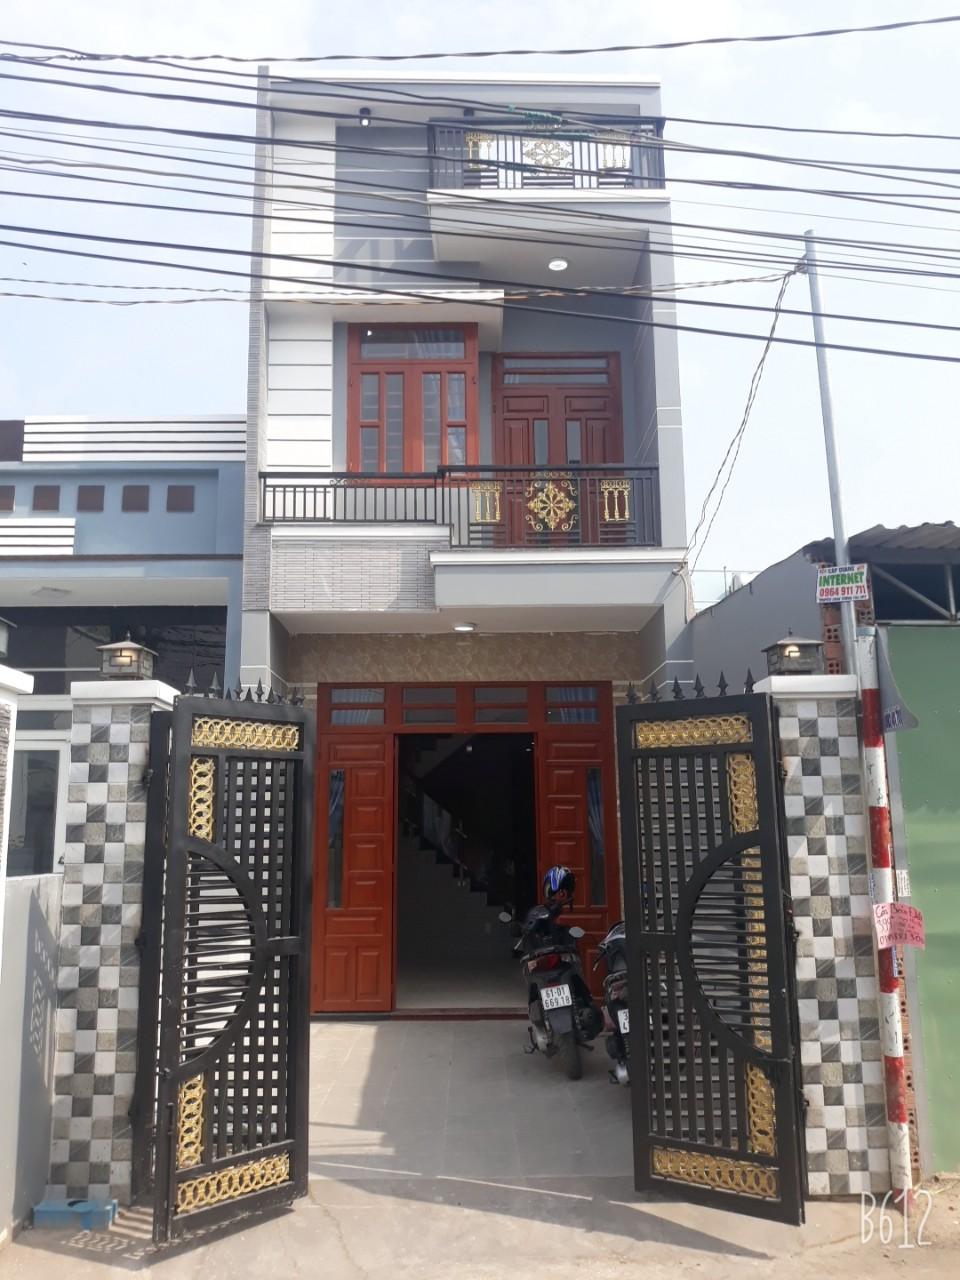 Bán Nhà Dĩ An 1 Lầu 1 Trệt Sân Xe Hơi Gần Siêu Thị Bigc